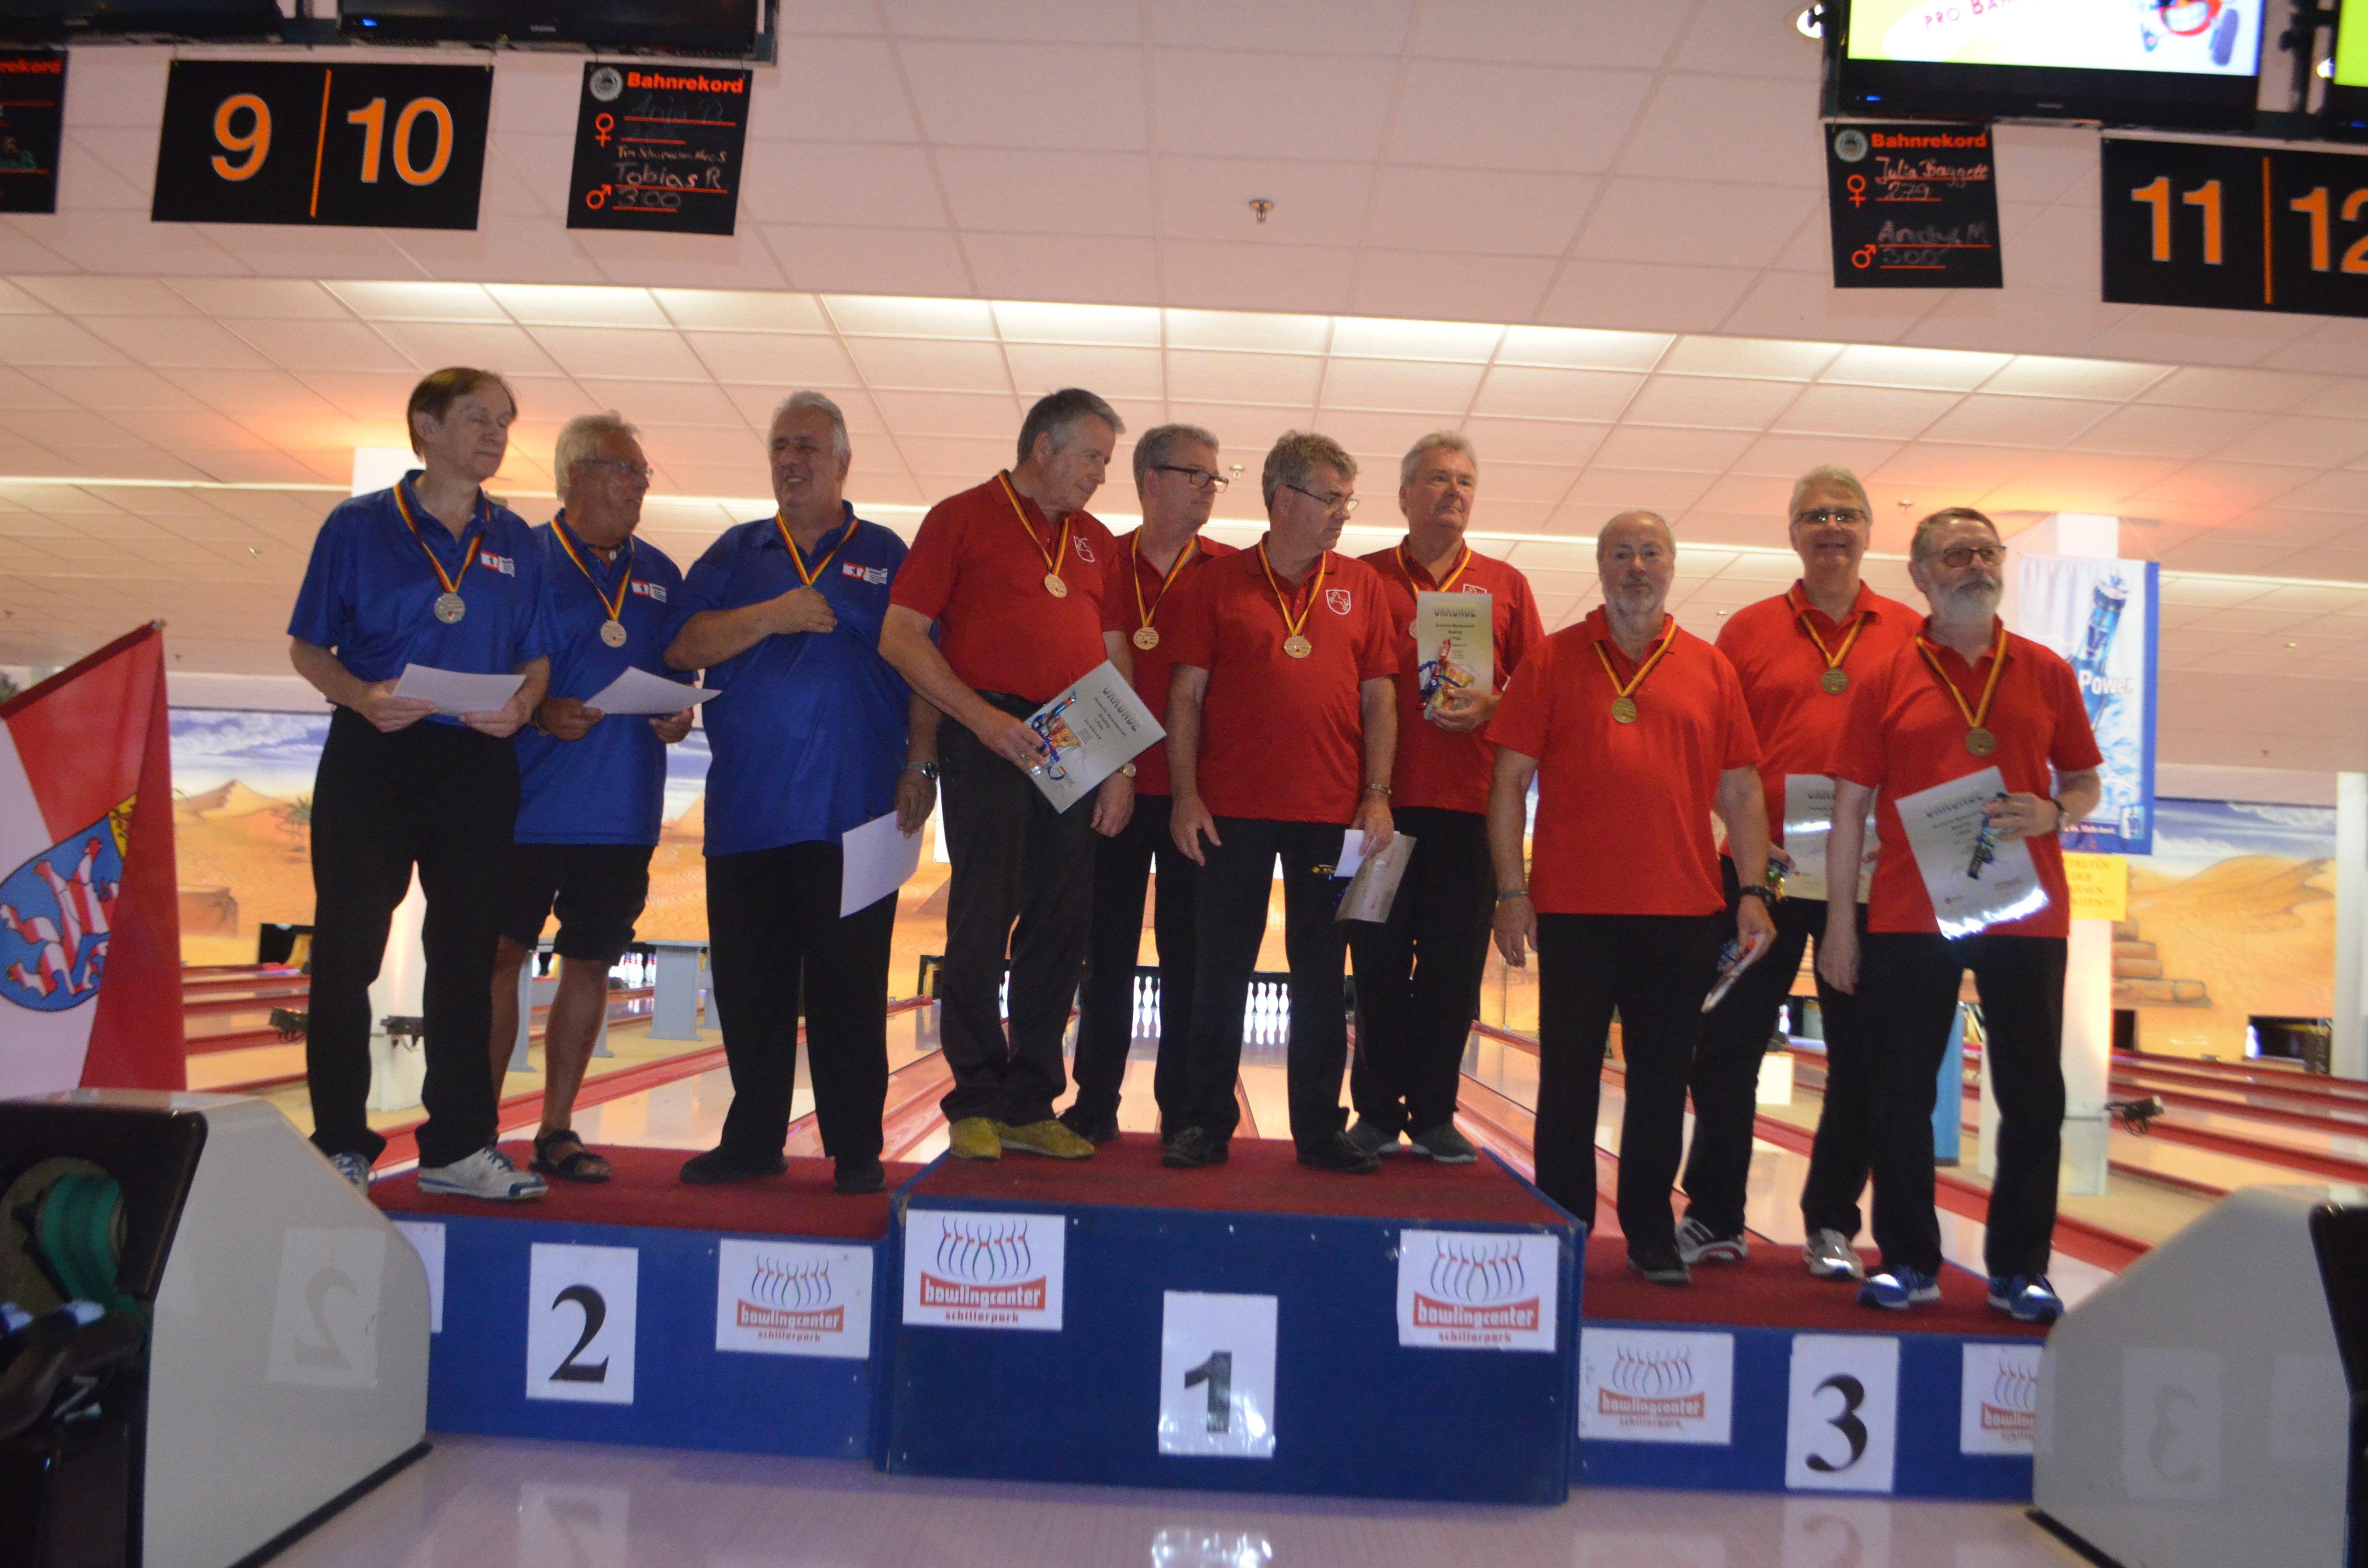 Platz 3 für Seniorentrio B: Hans-Jürgen Naumann, Werner Laun und Kurt Geretshauser